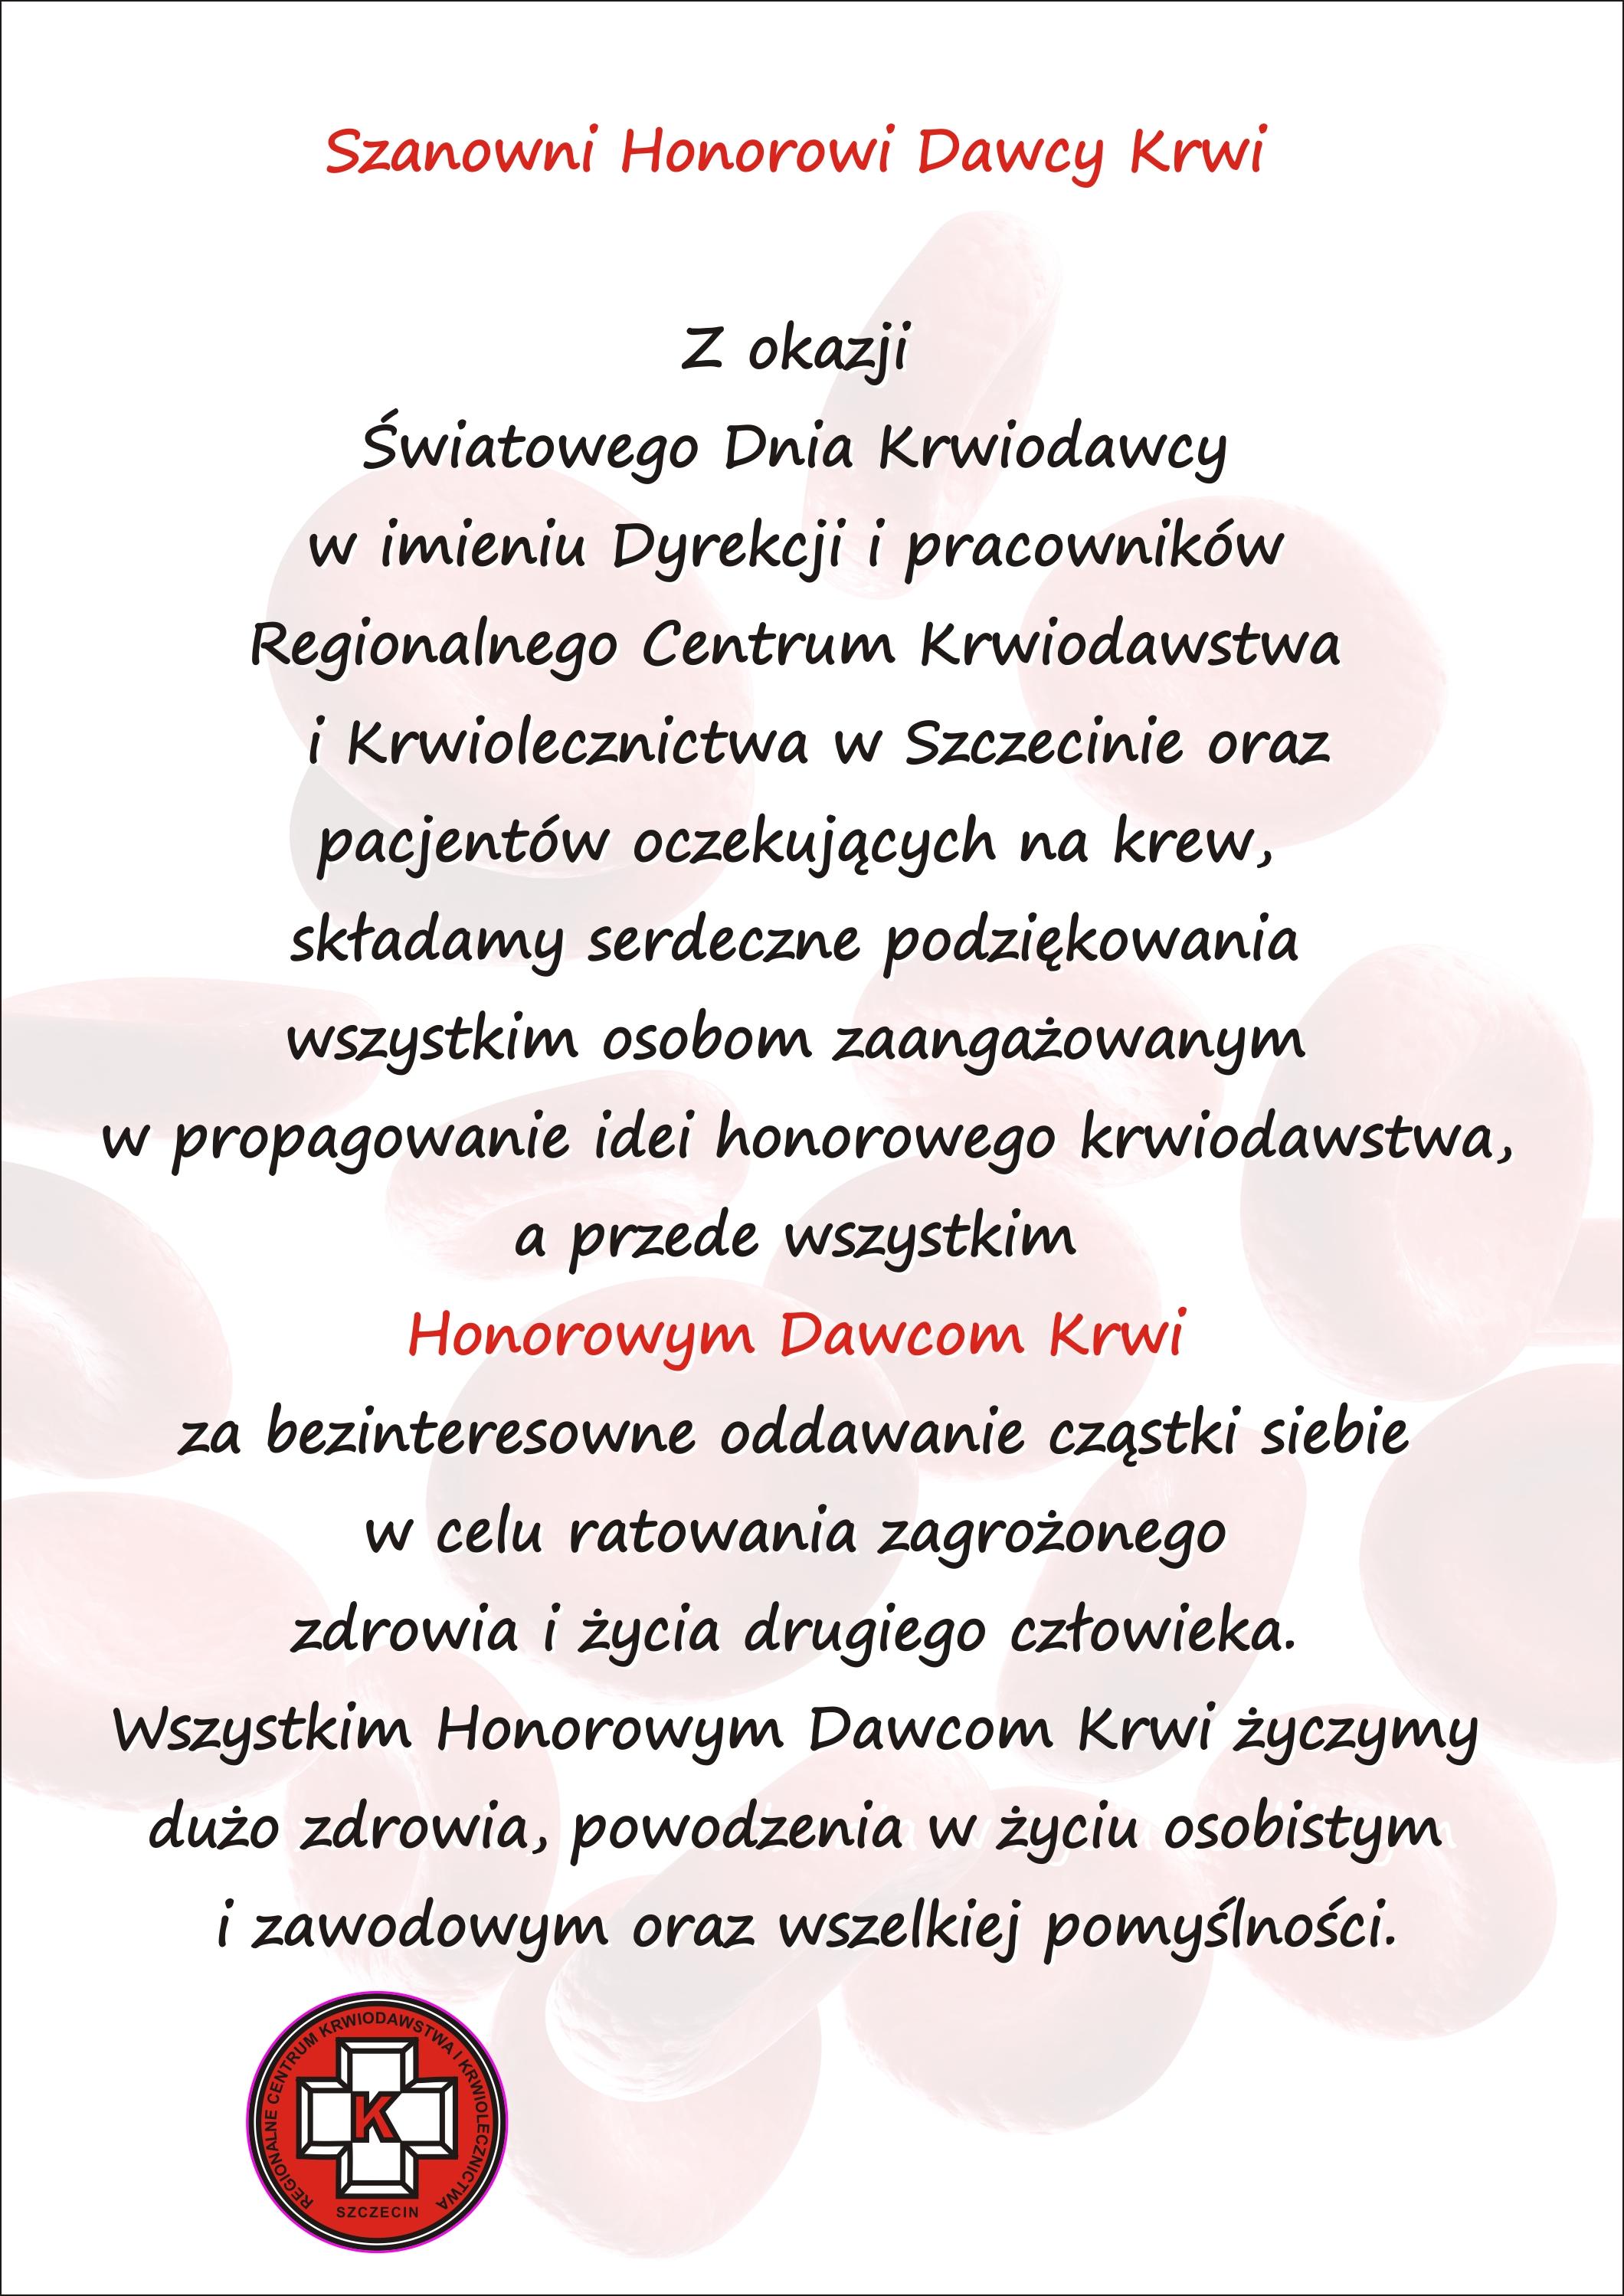 rckik szczecin plansza - poprawka (3).jpg